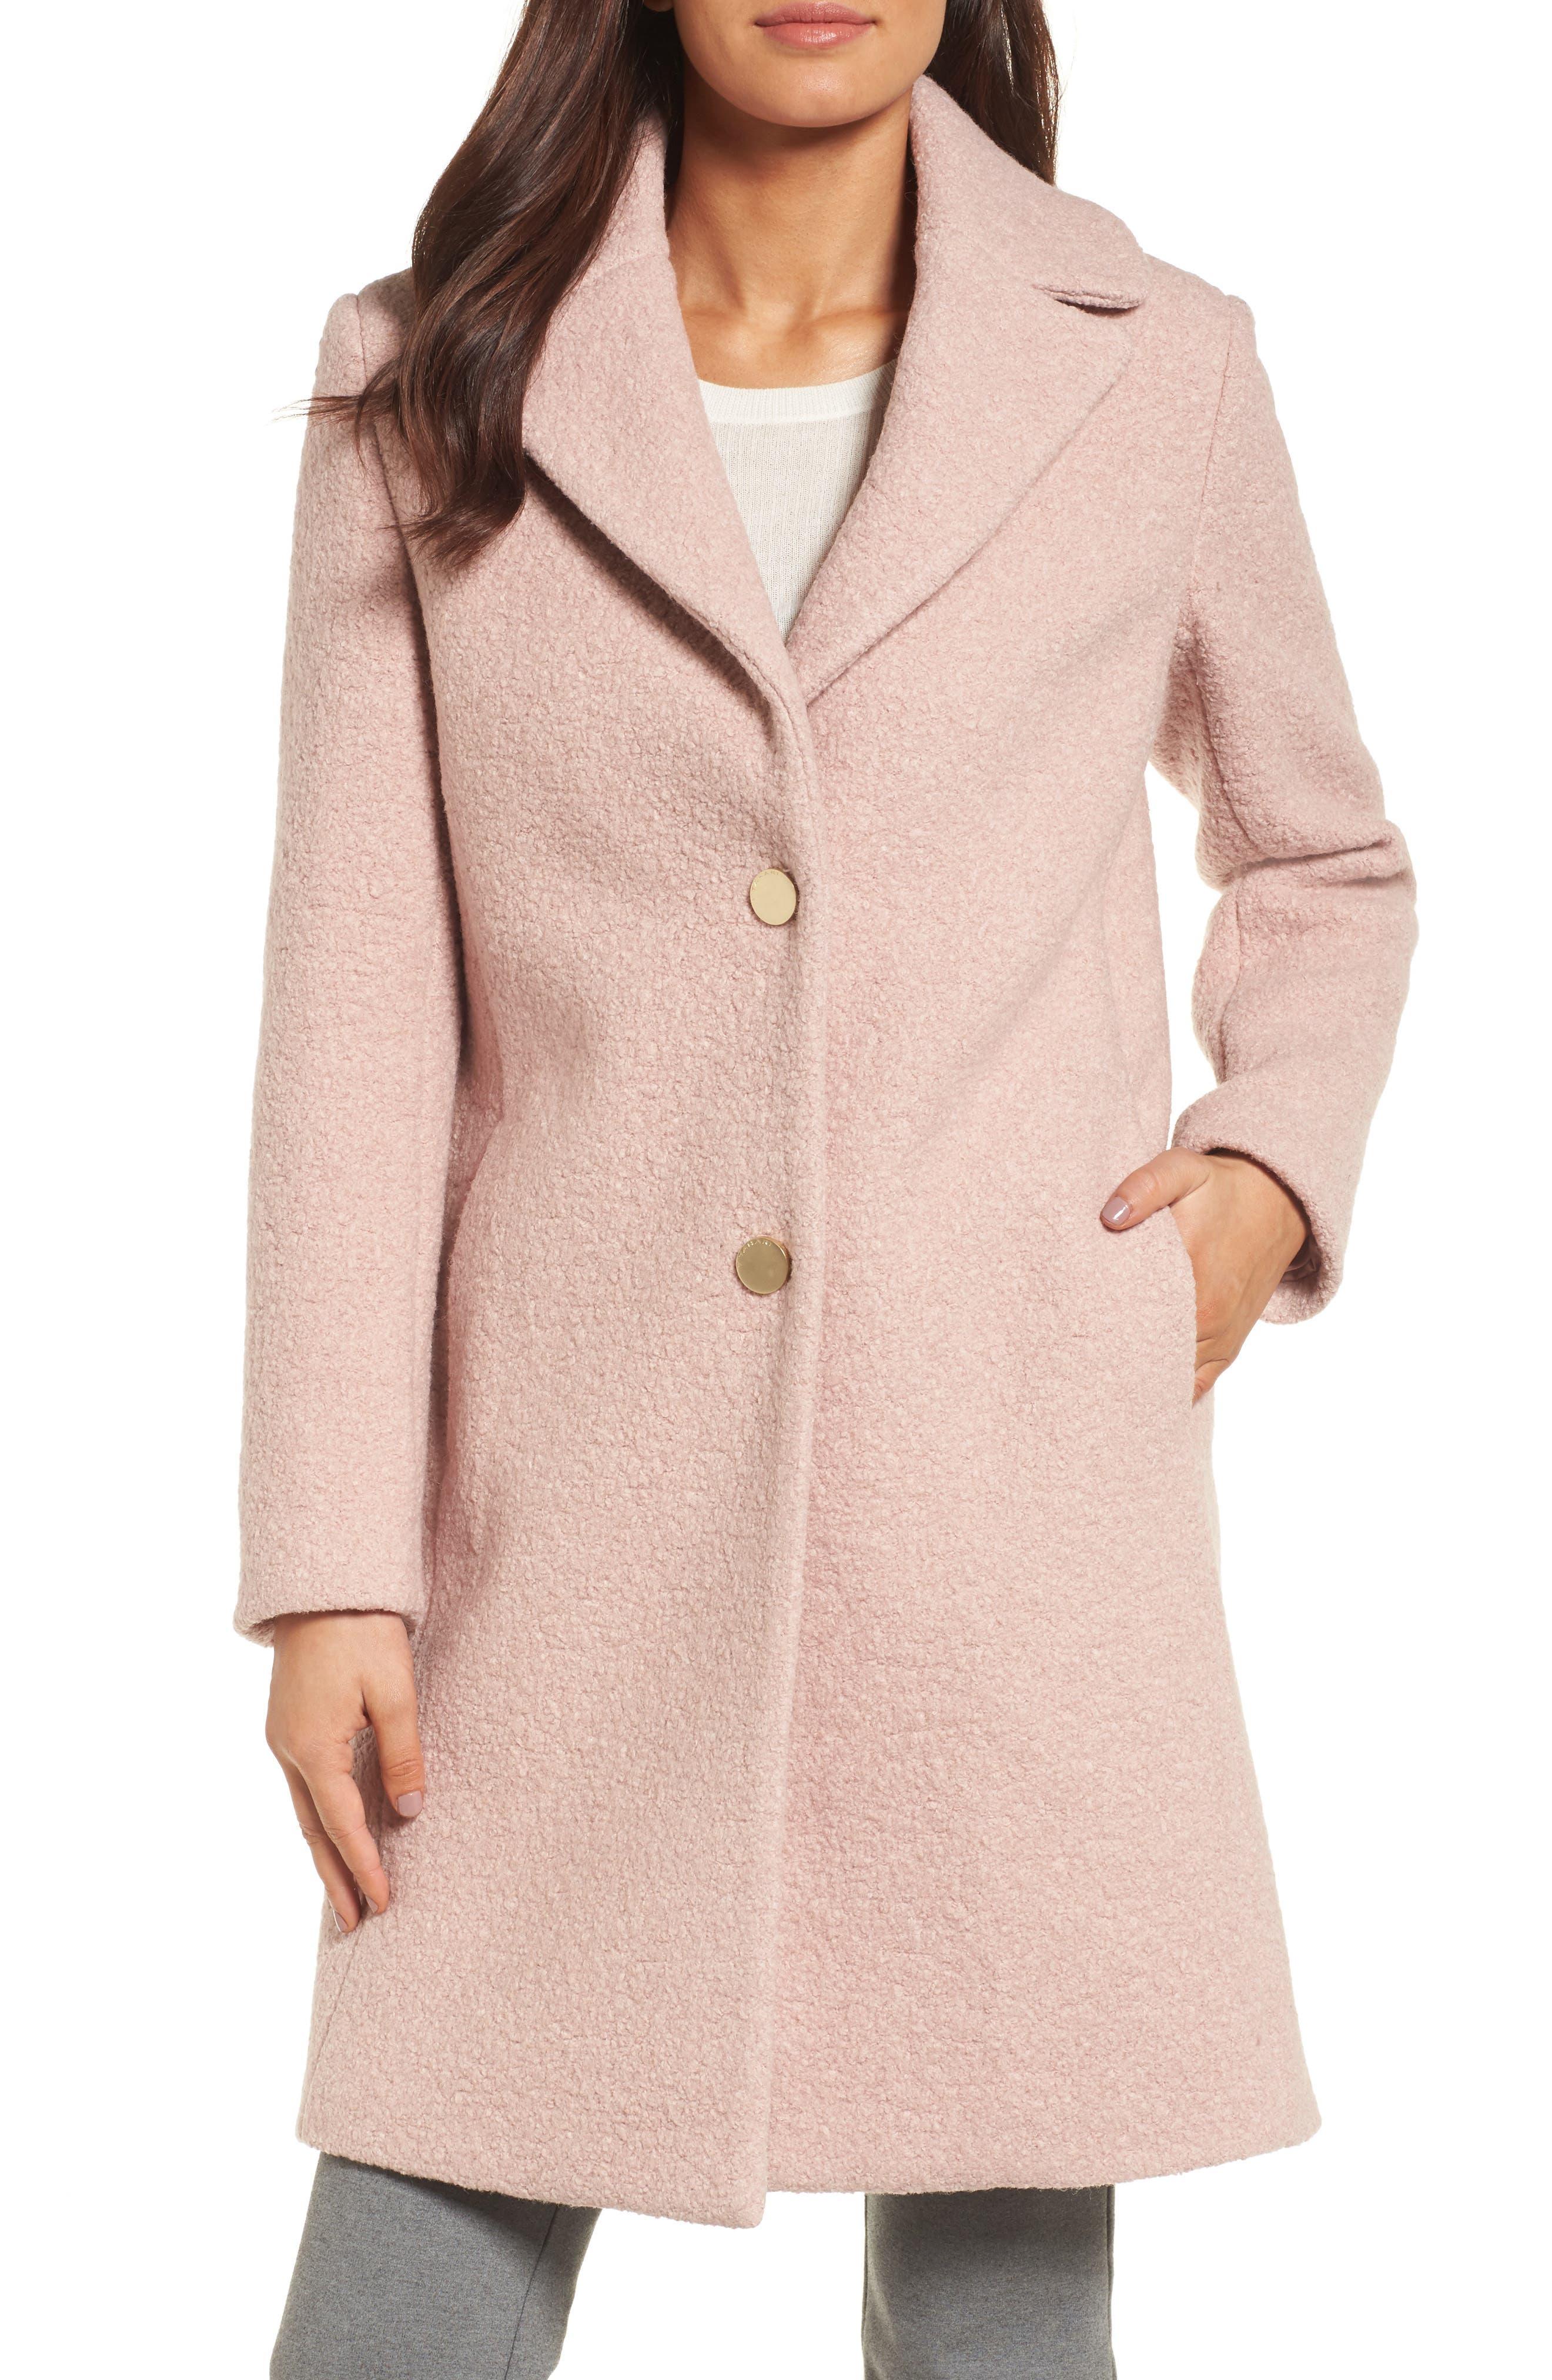 Main Image - Tahari 'Tessa' Boiled Wool Blend Coat